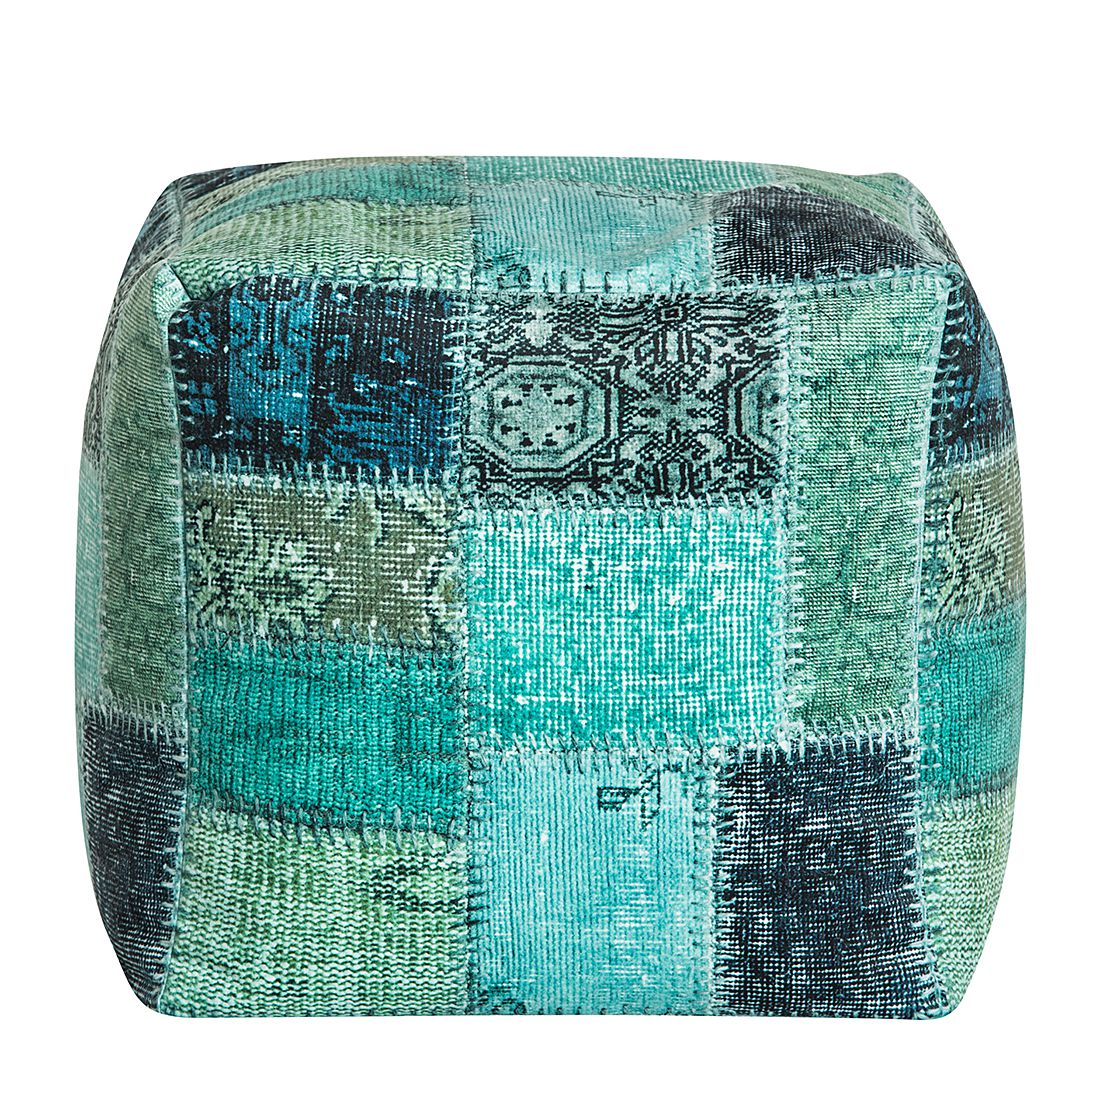 Sitzwürfel Cube Kapi – Microfaser – Petrol, Fredriks bestellen